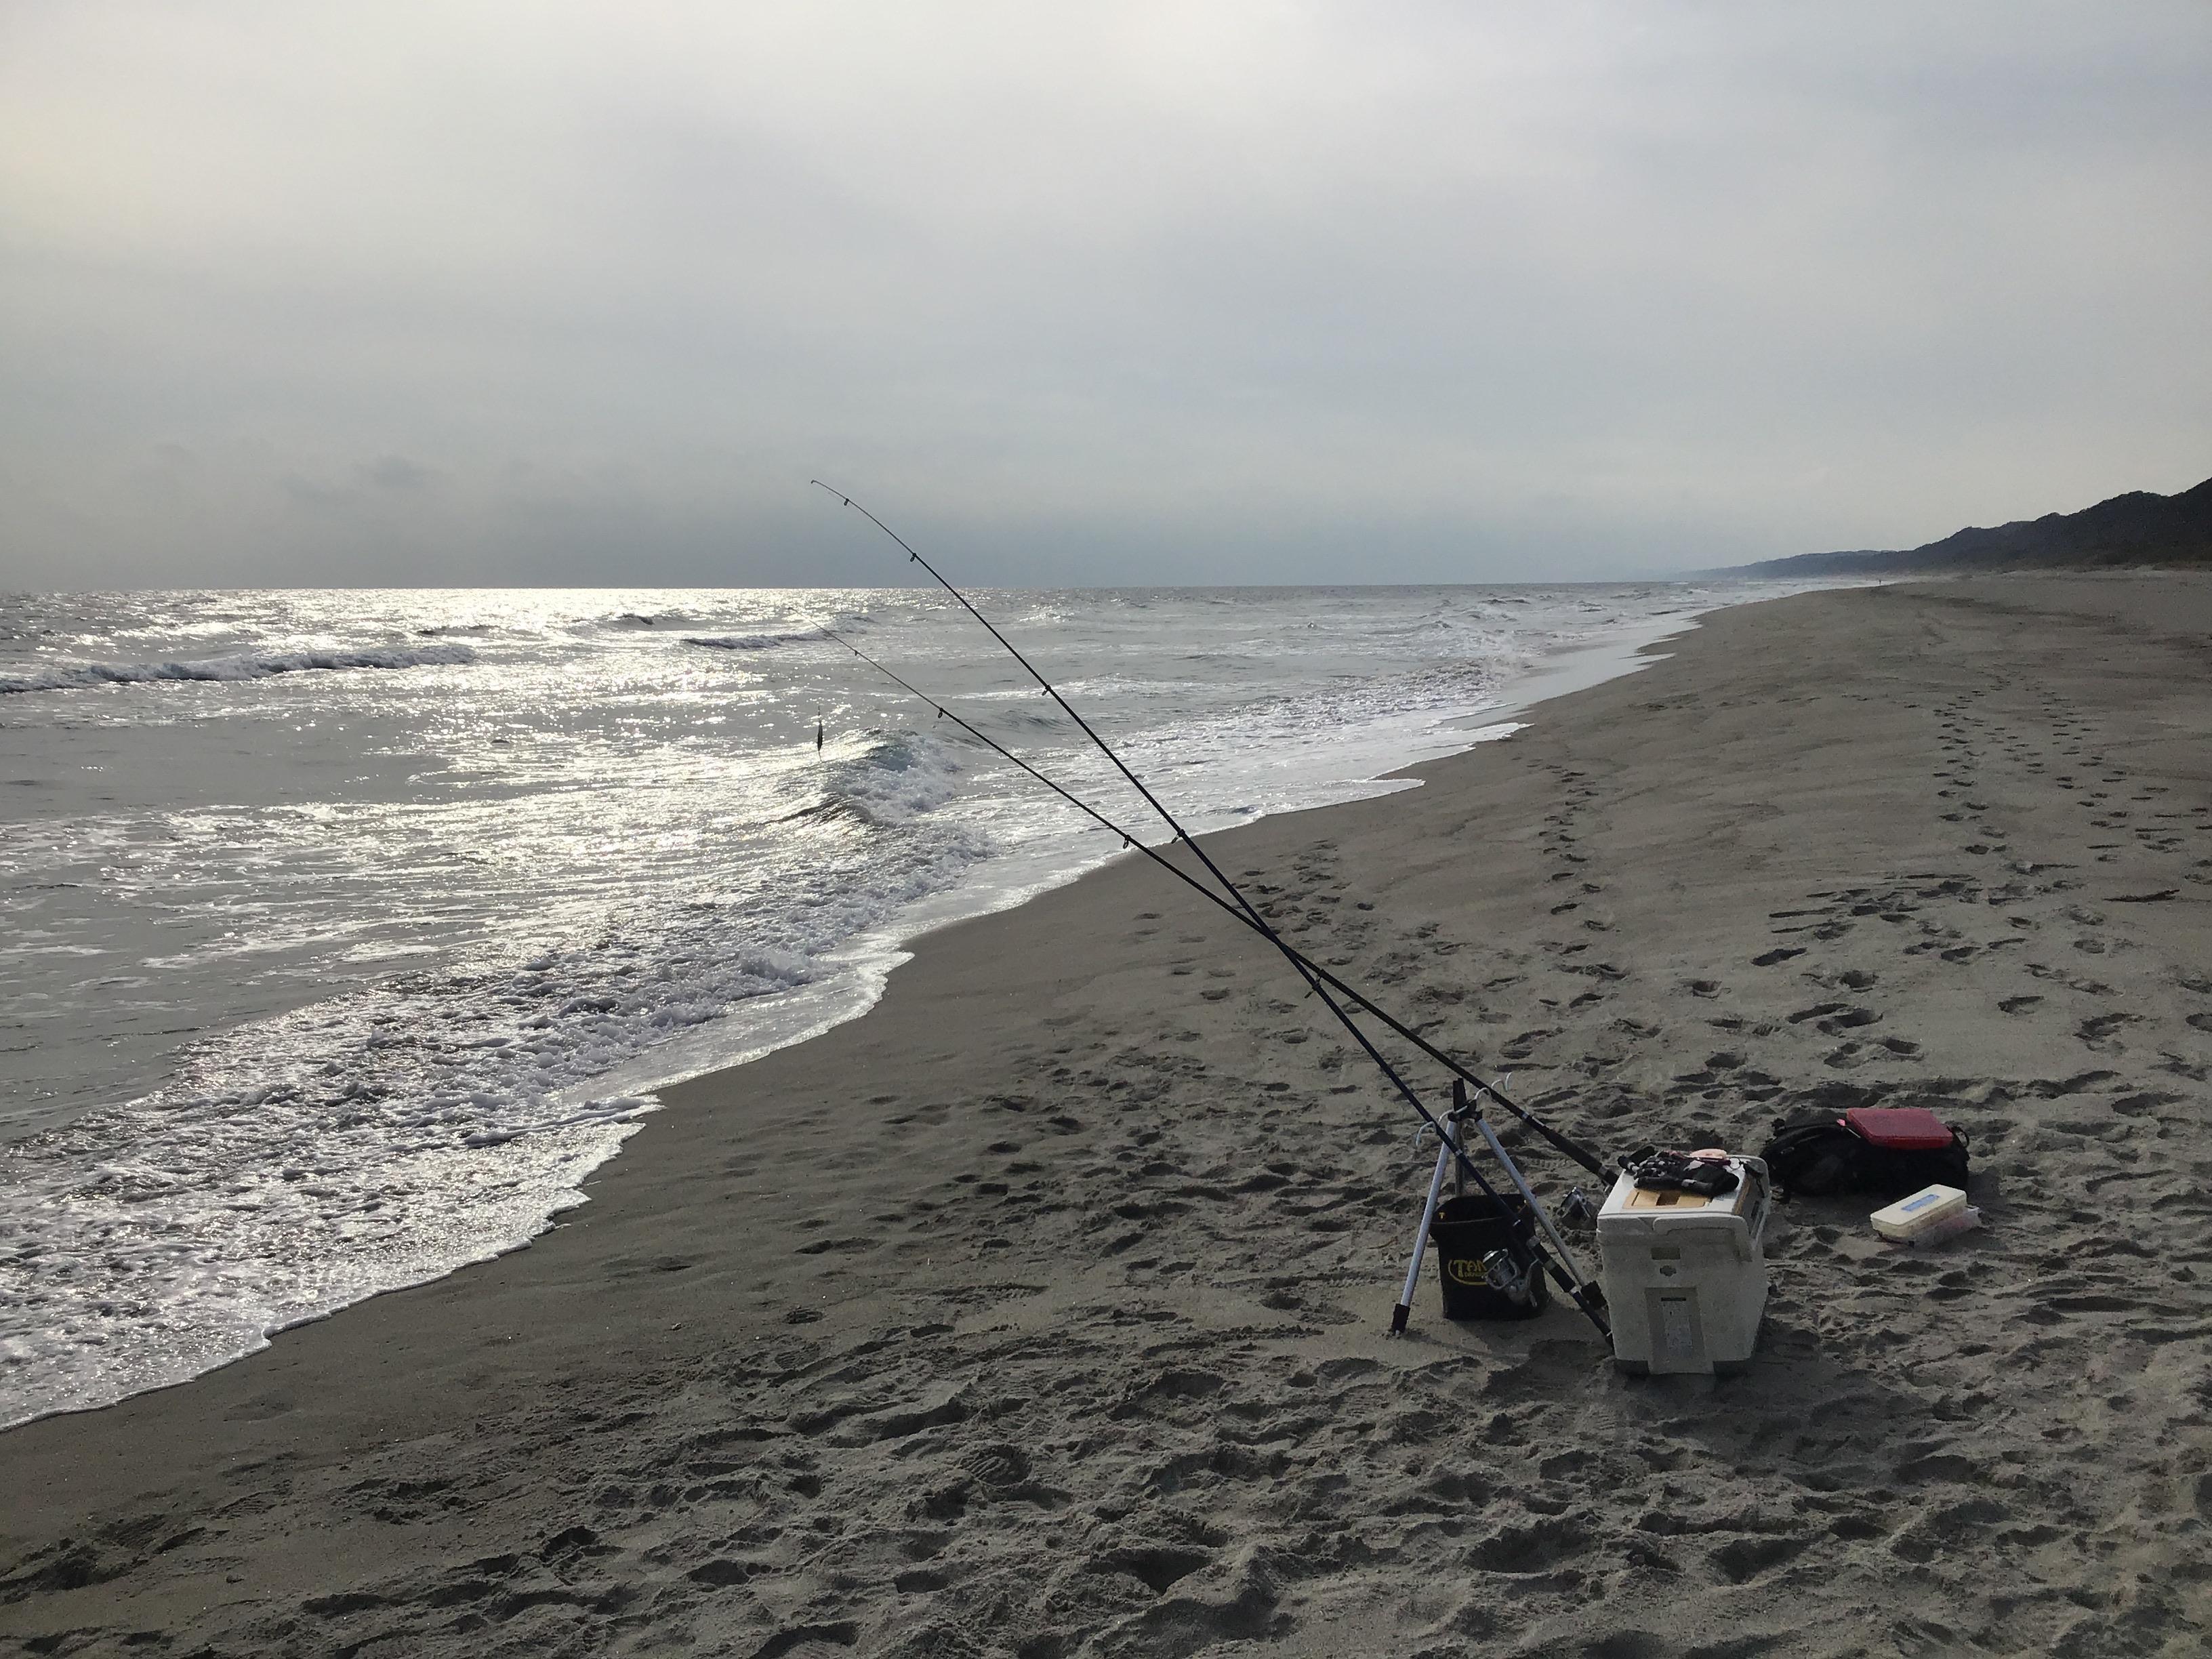 今日も置き竿とルアーの二本体制デス❗️海岸には誰もいません٩( 'ω' )وそりゃそうデス❗️冬の魚釣り激ムズ、、、